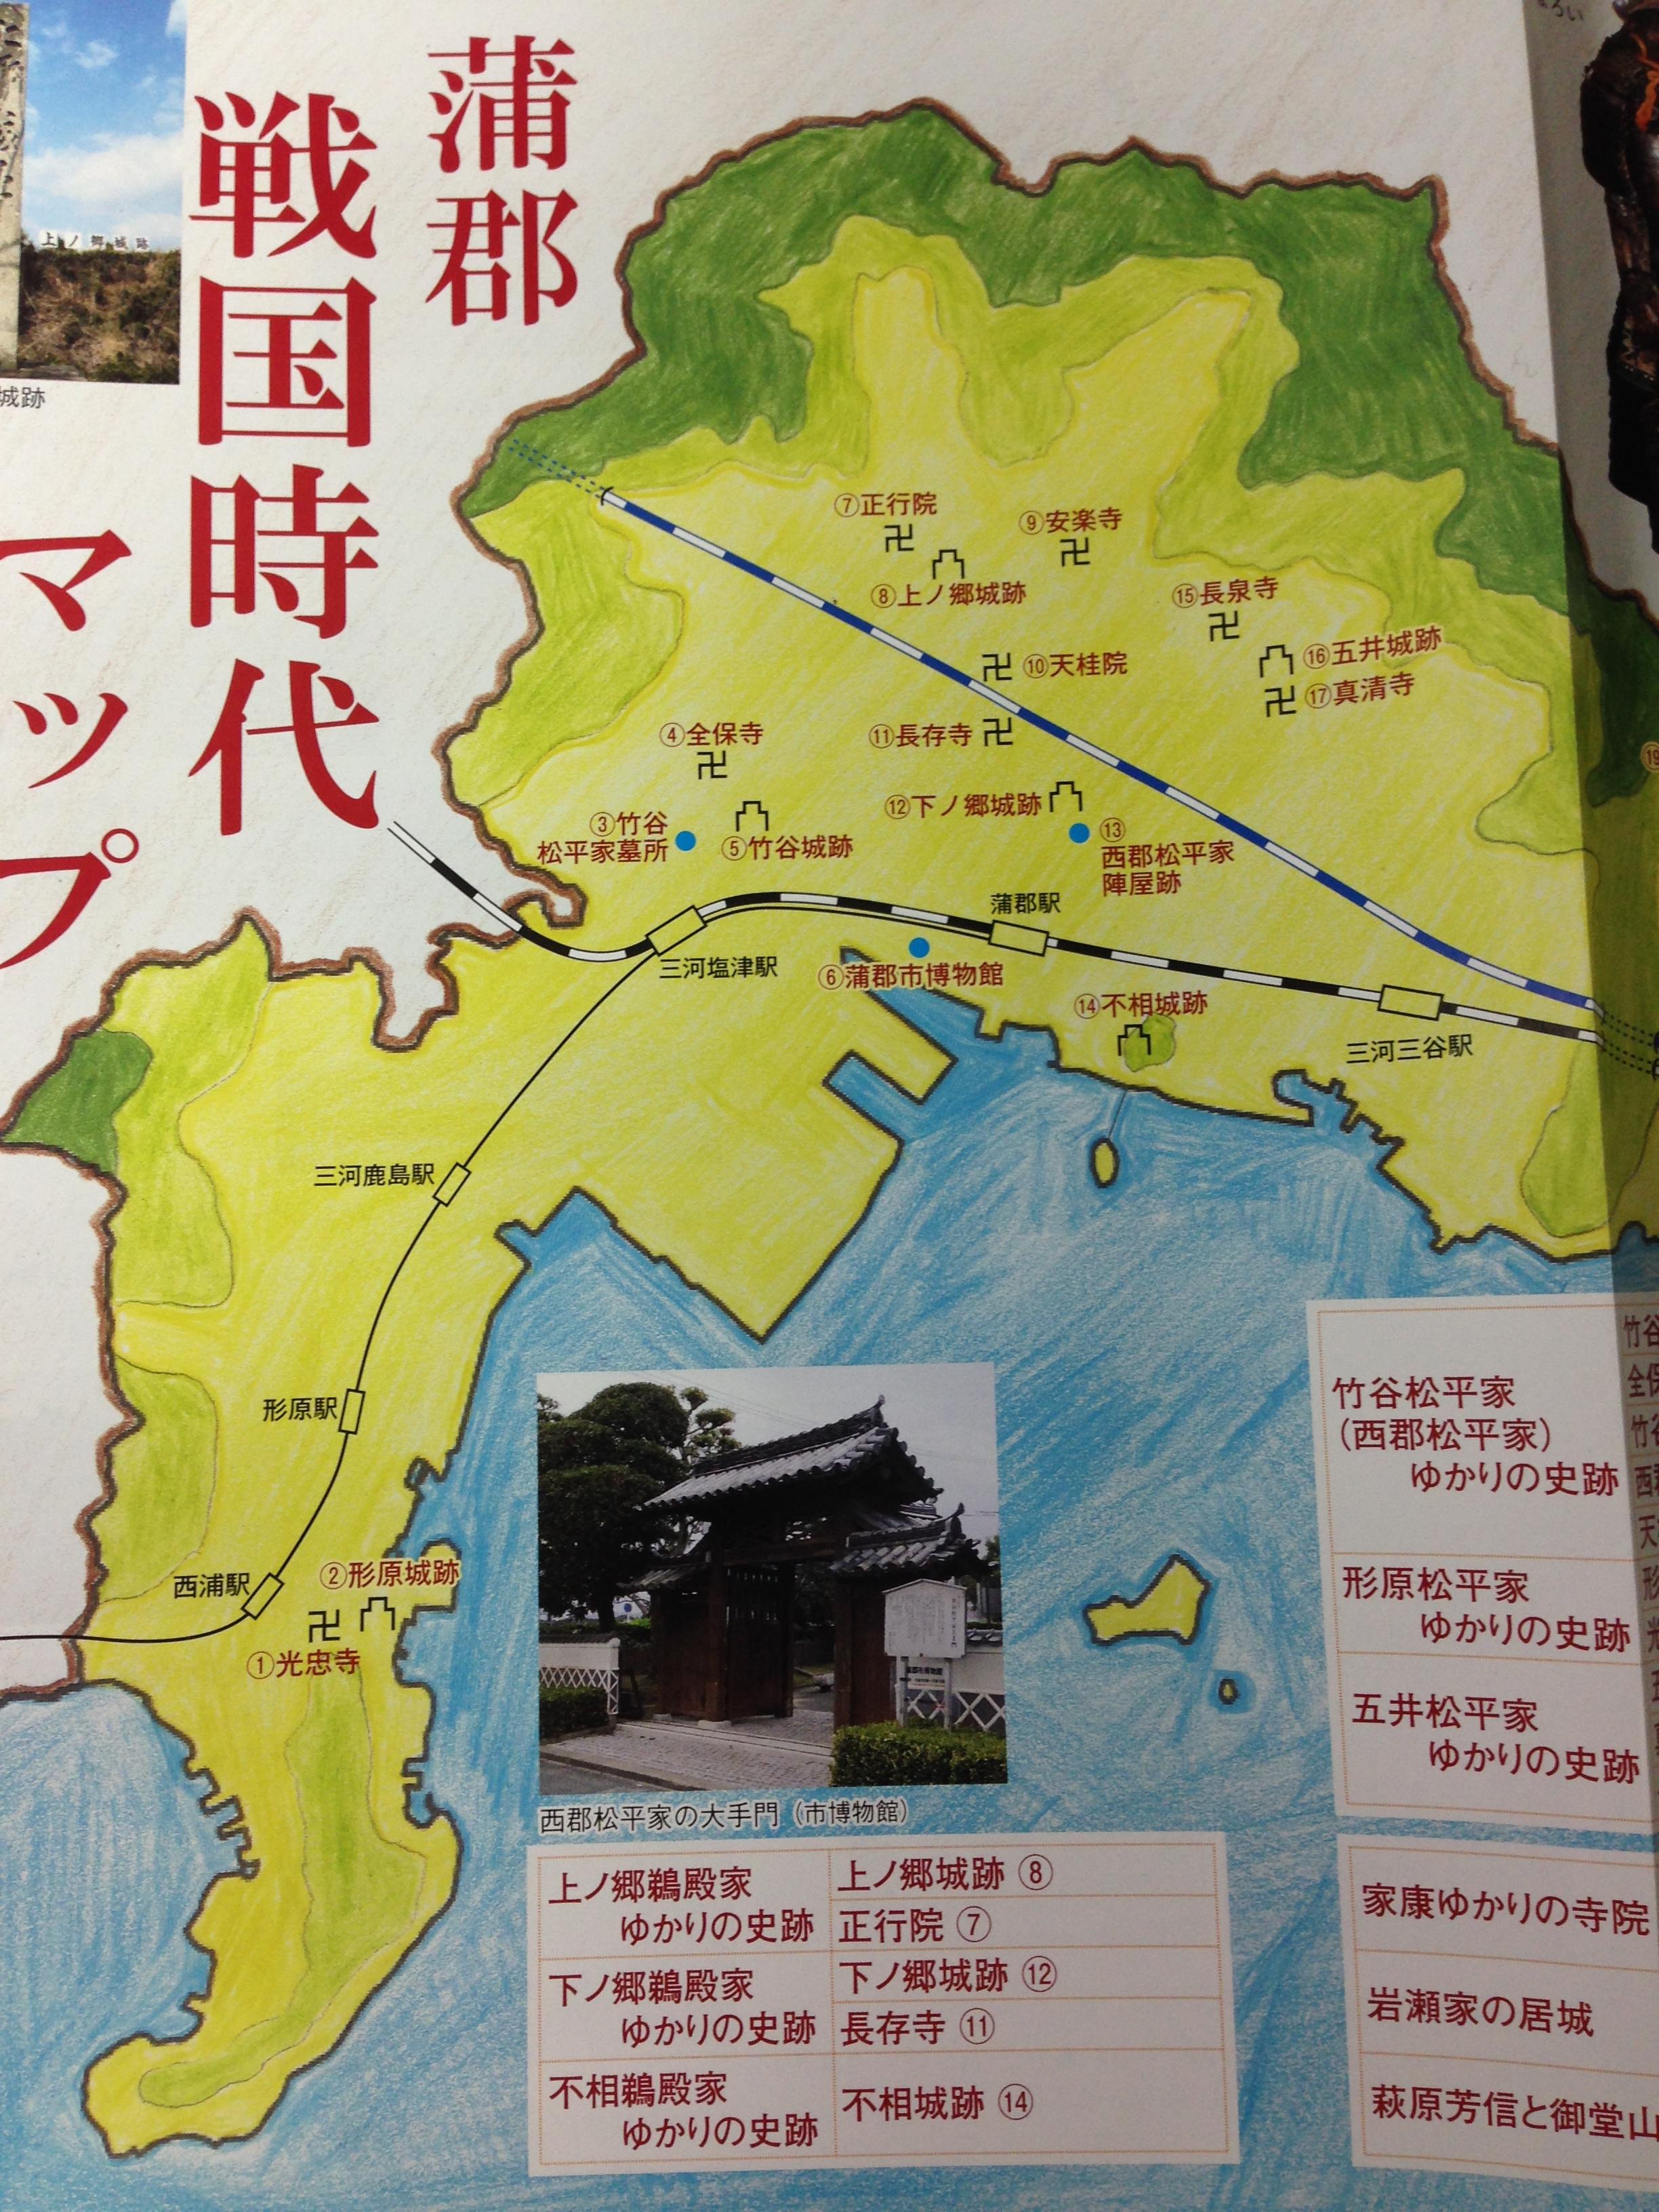 蒲郡戦国時代マップ